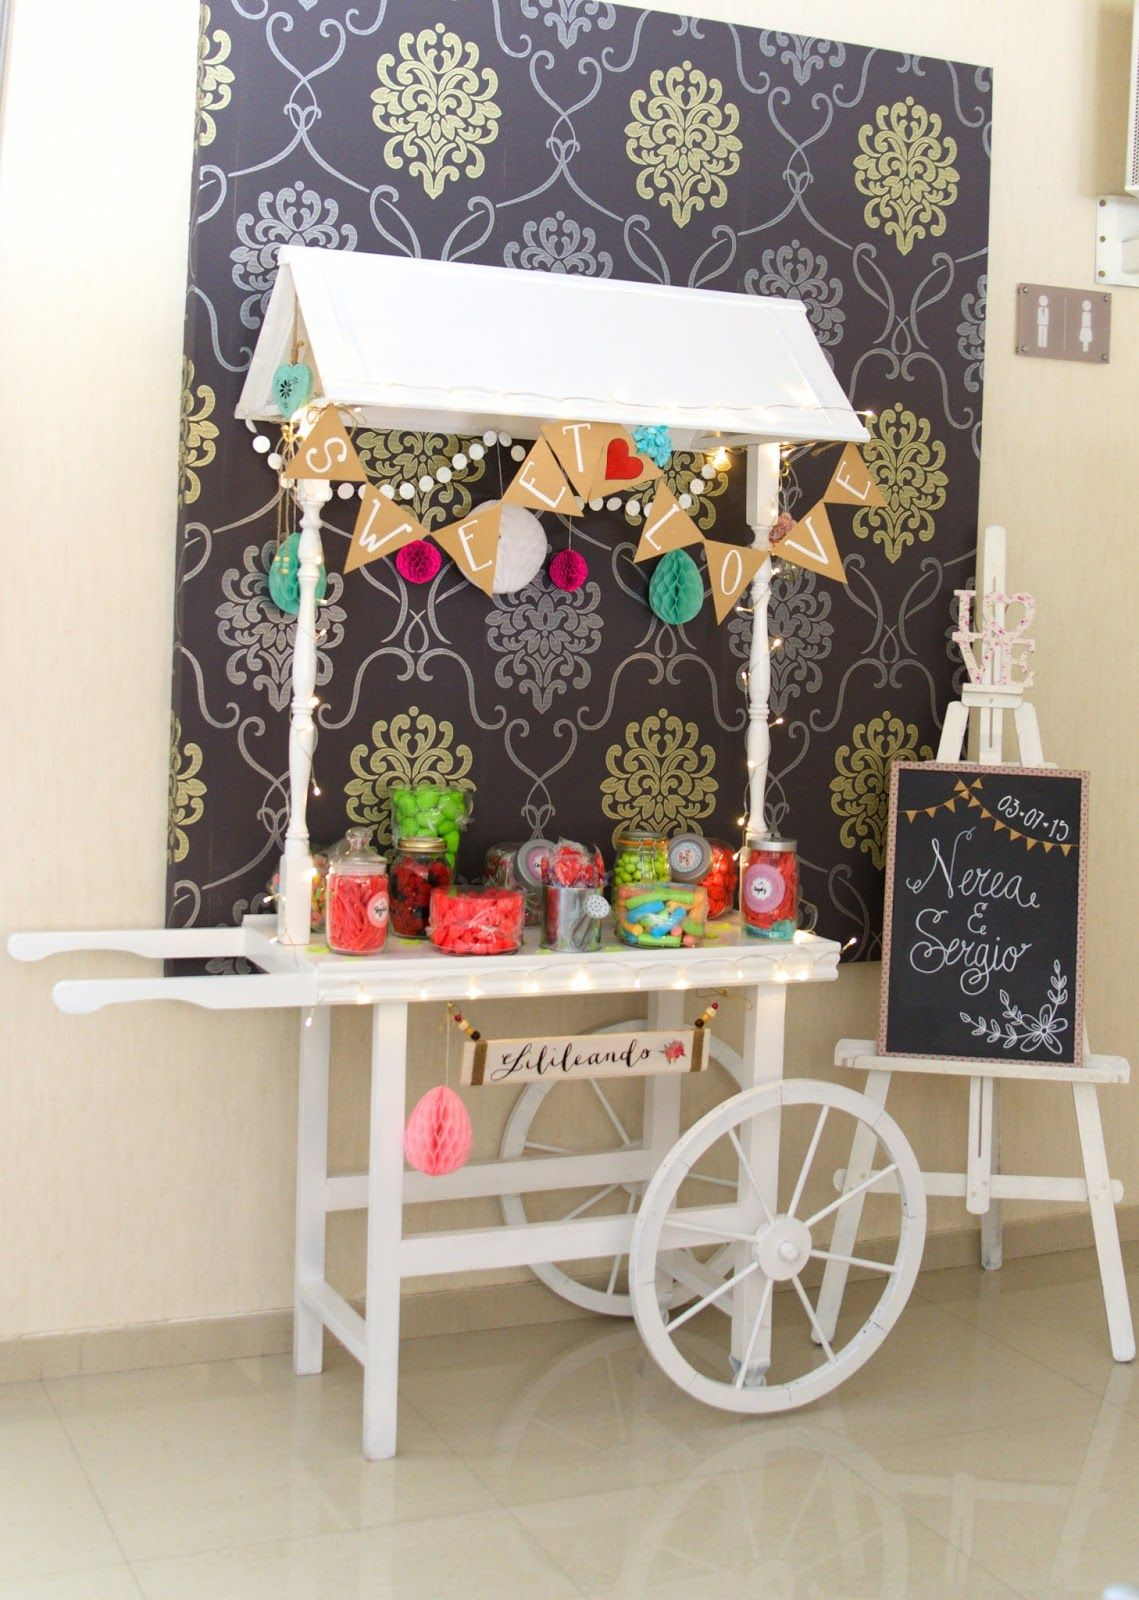 Lilileando carrito dulce de lilileando torre eiffel for Carritos chuches comunion